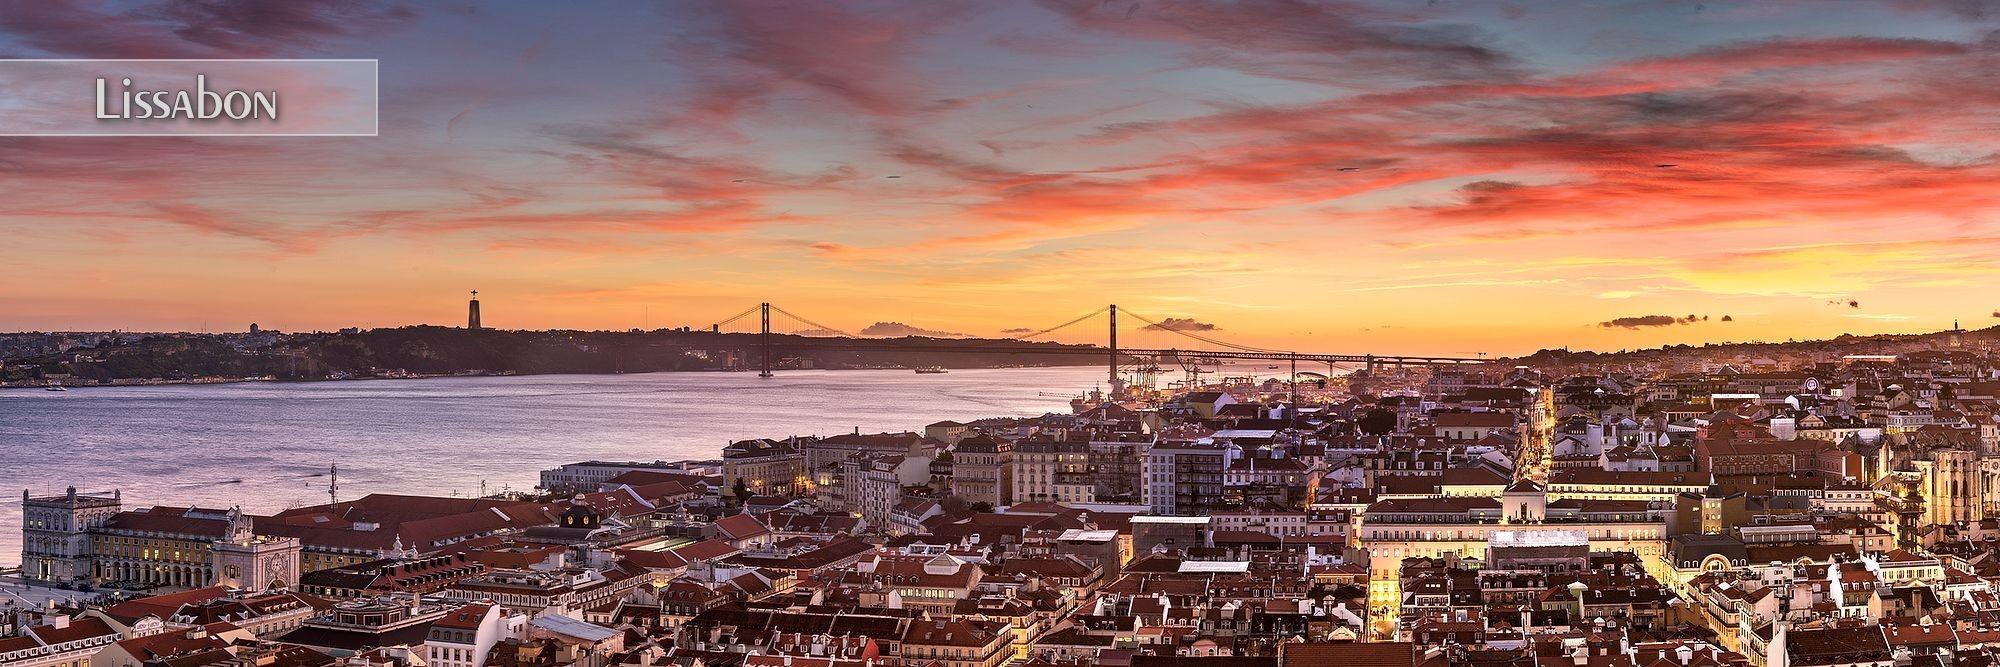 Bilder aus Lissabon als Wandbild oder Küchenrückwand